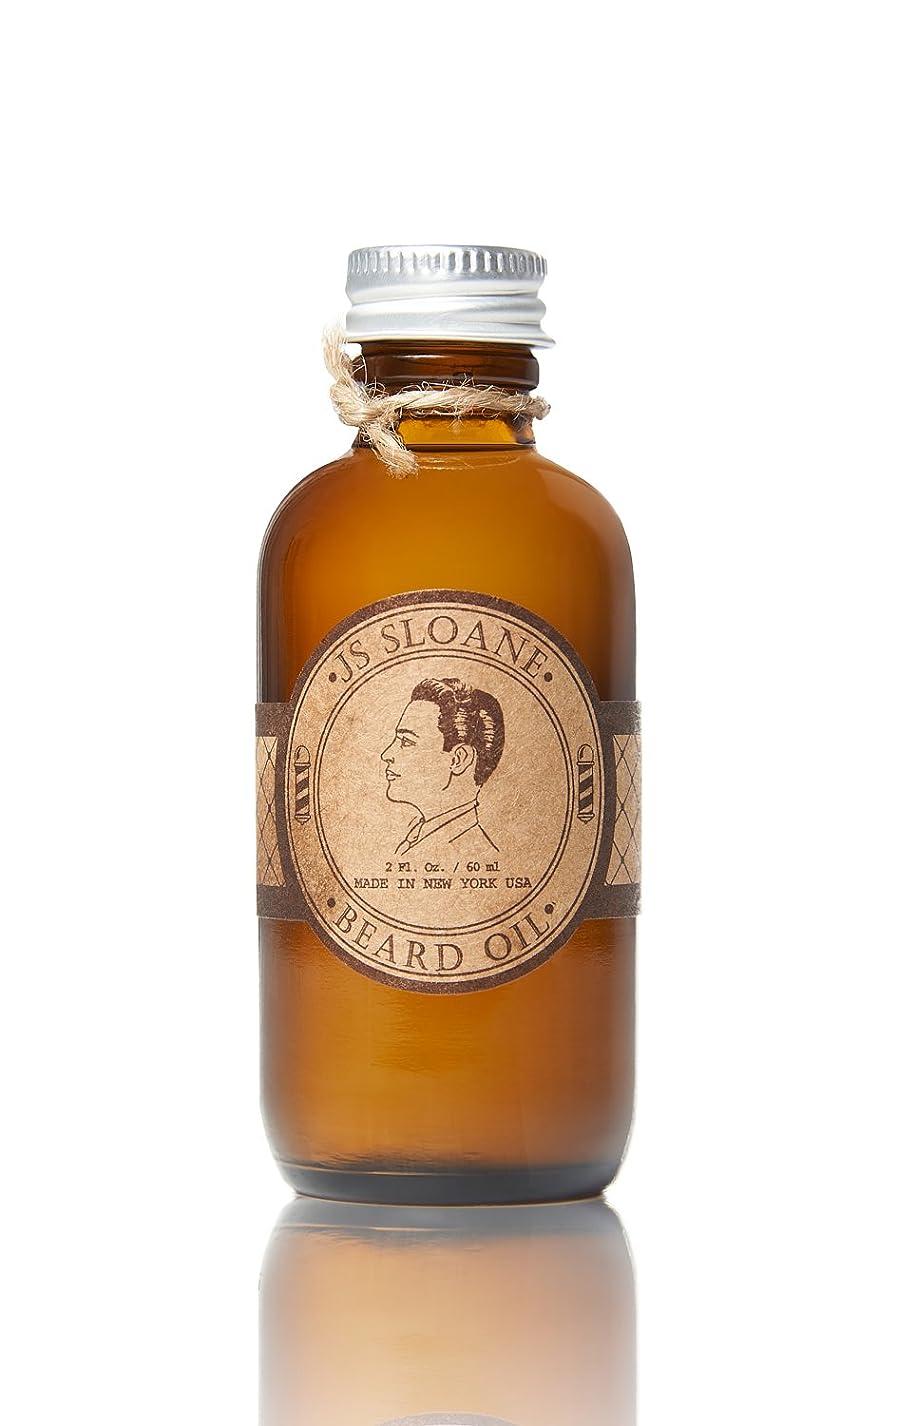 寝具複製する解説JS Sloane, ビアードオイル, Beard Oil, 60ml / 2oz